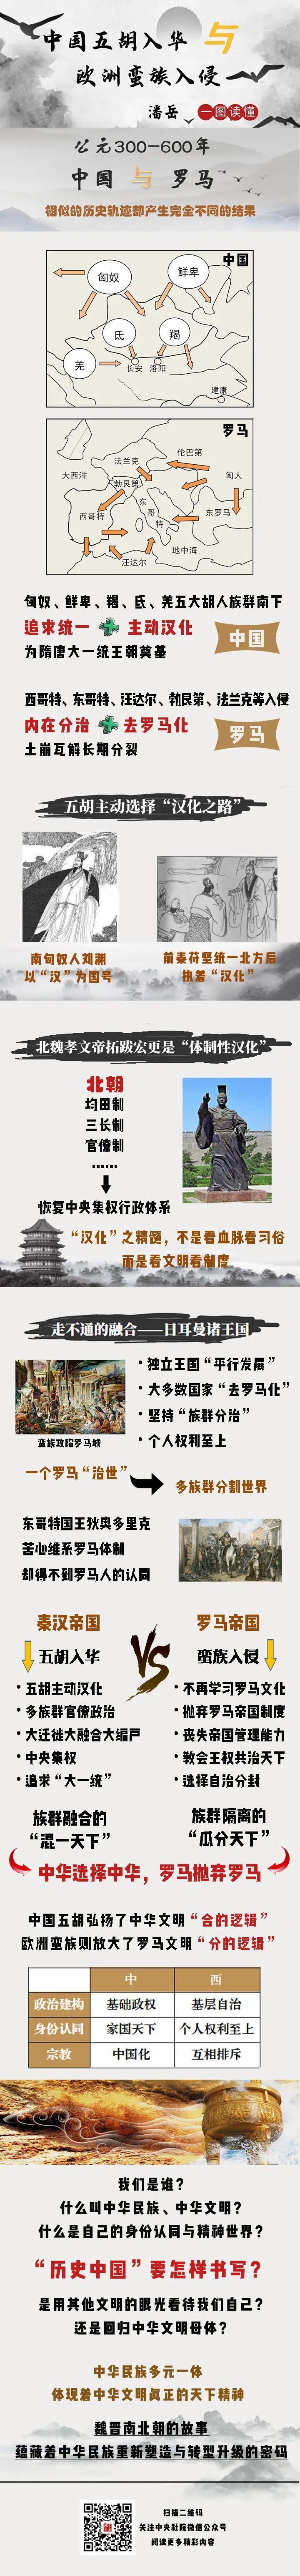 一图读懂|中国五胡入华与欧洲蛮族入侵